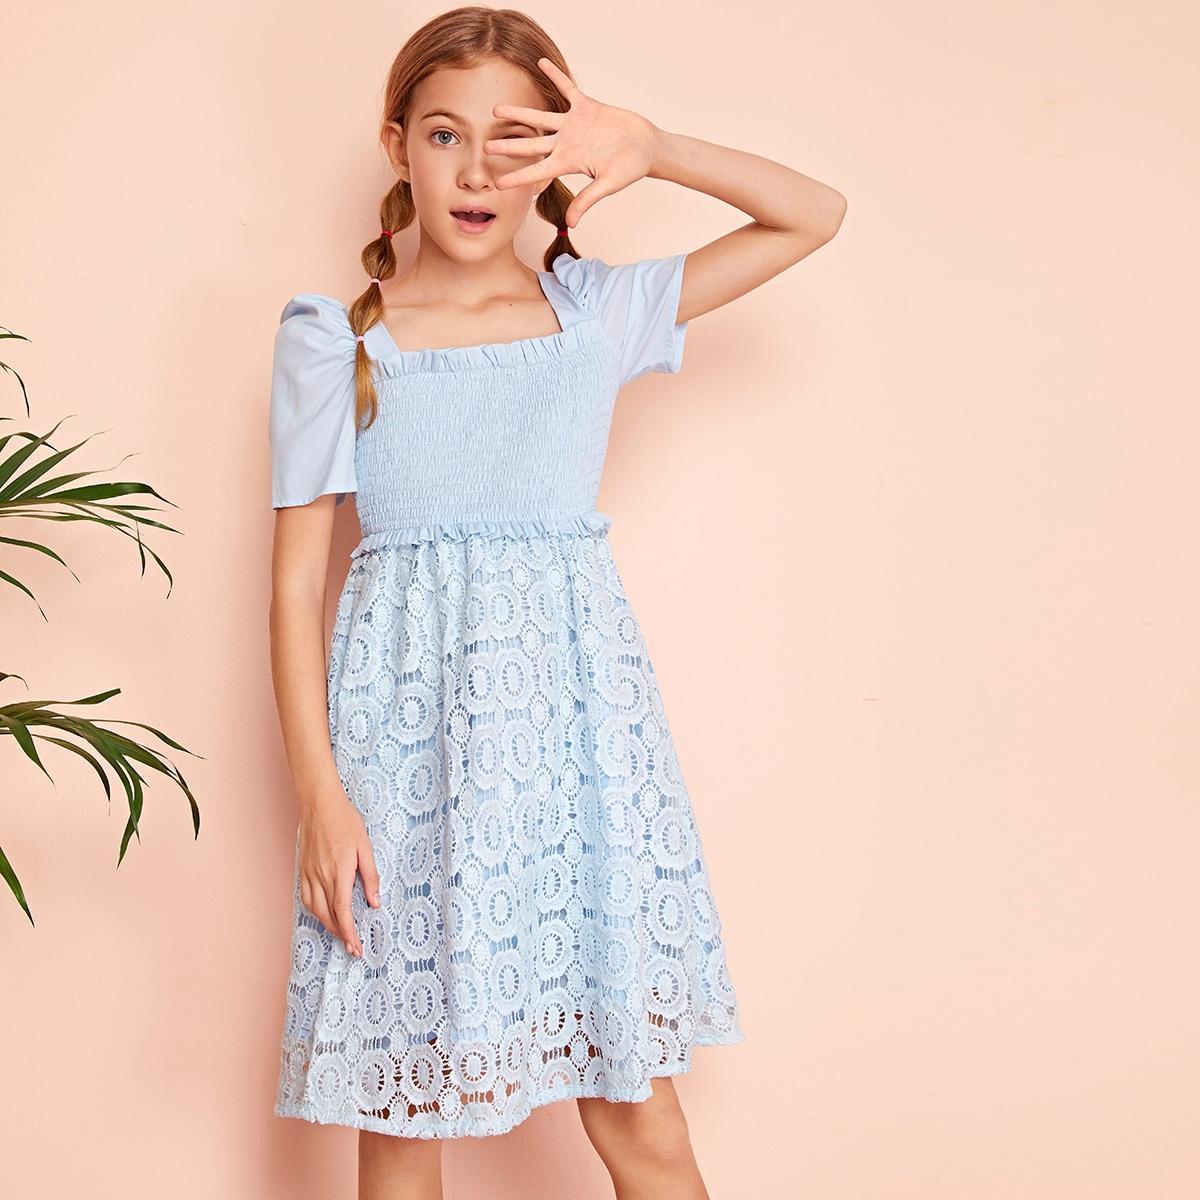 Кружевное платье с пышными рукавами для девочек